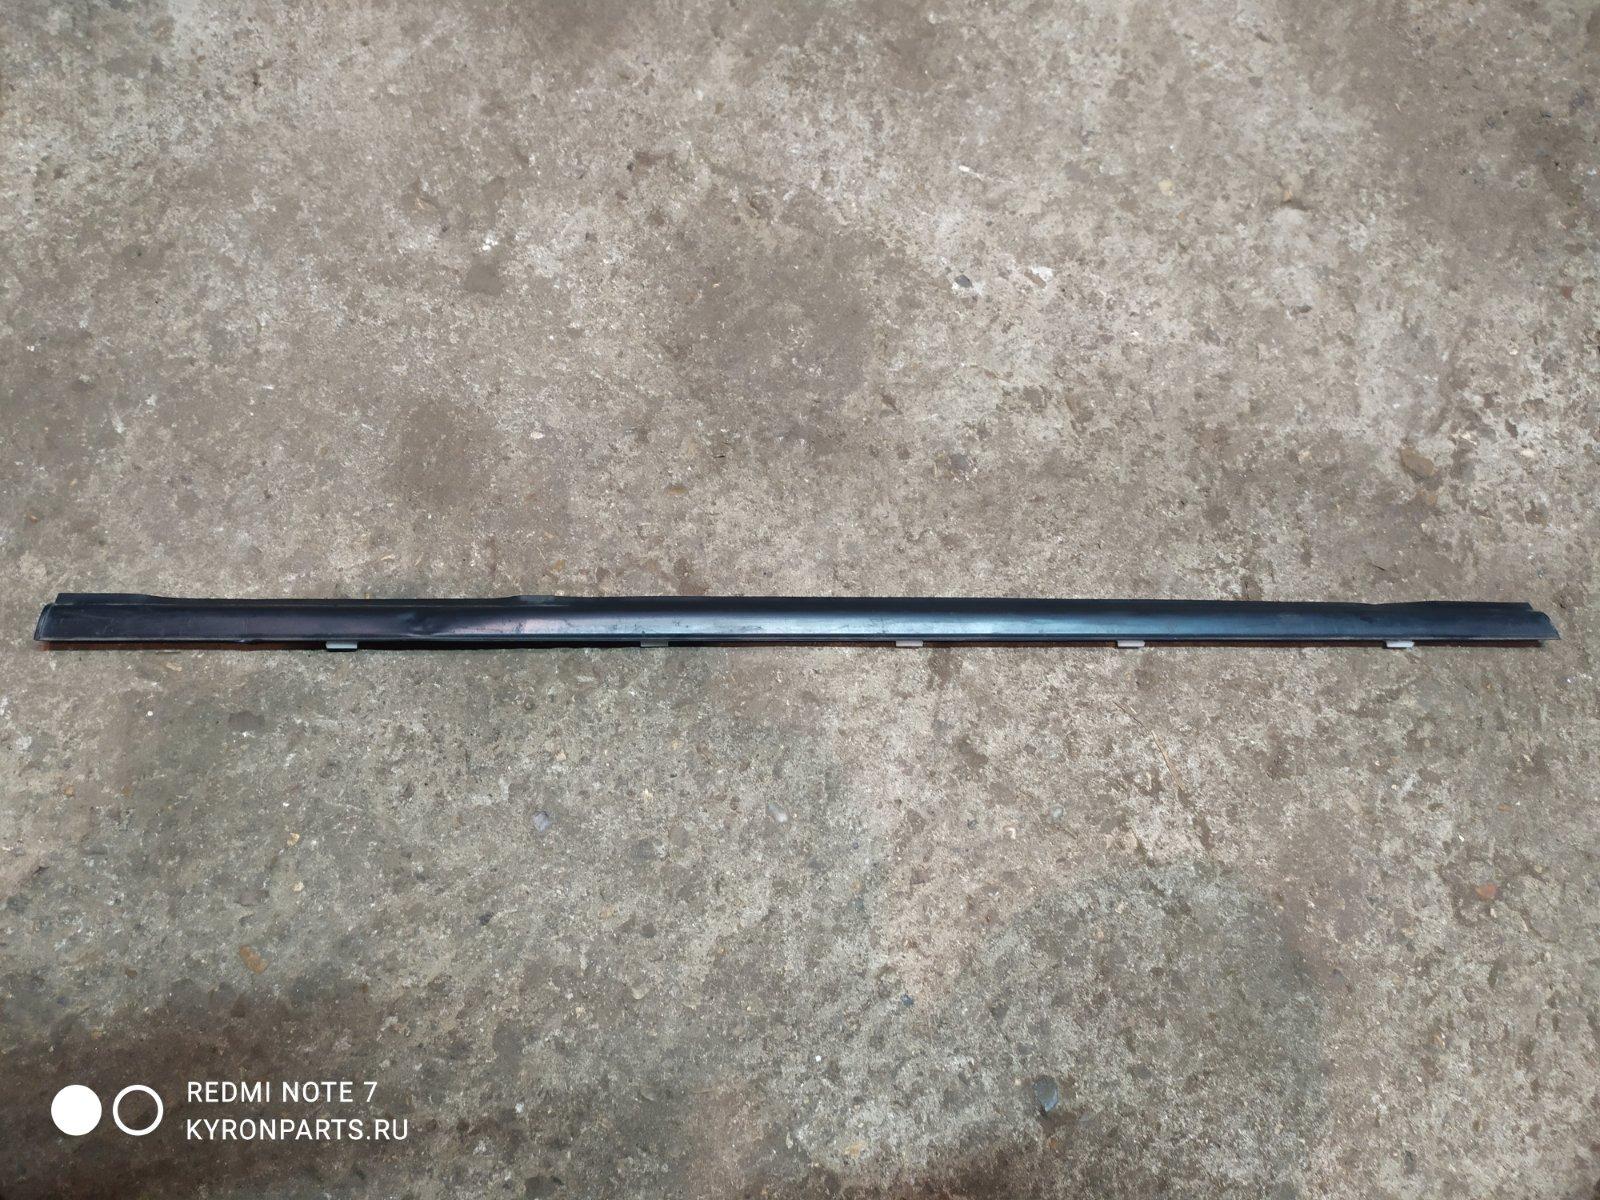 Молдинг (уплотнитель) стекла задний правый Ssangyong Kyron 7352009000 Б/У